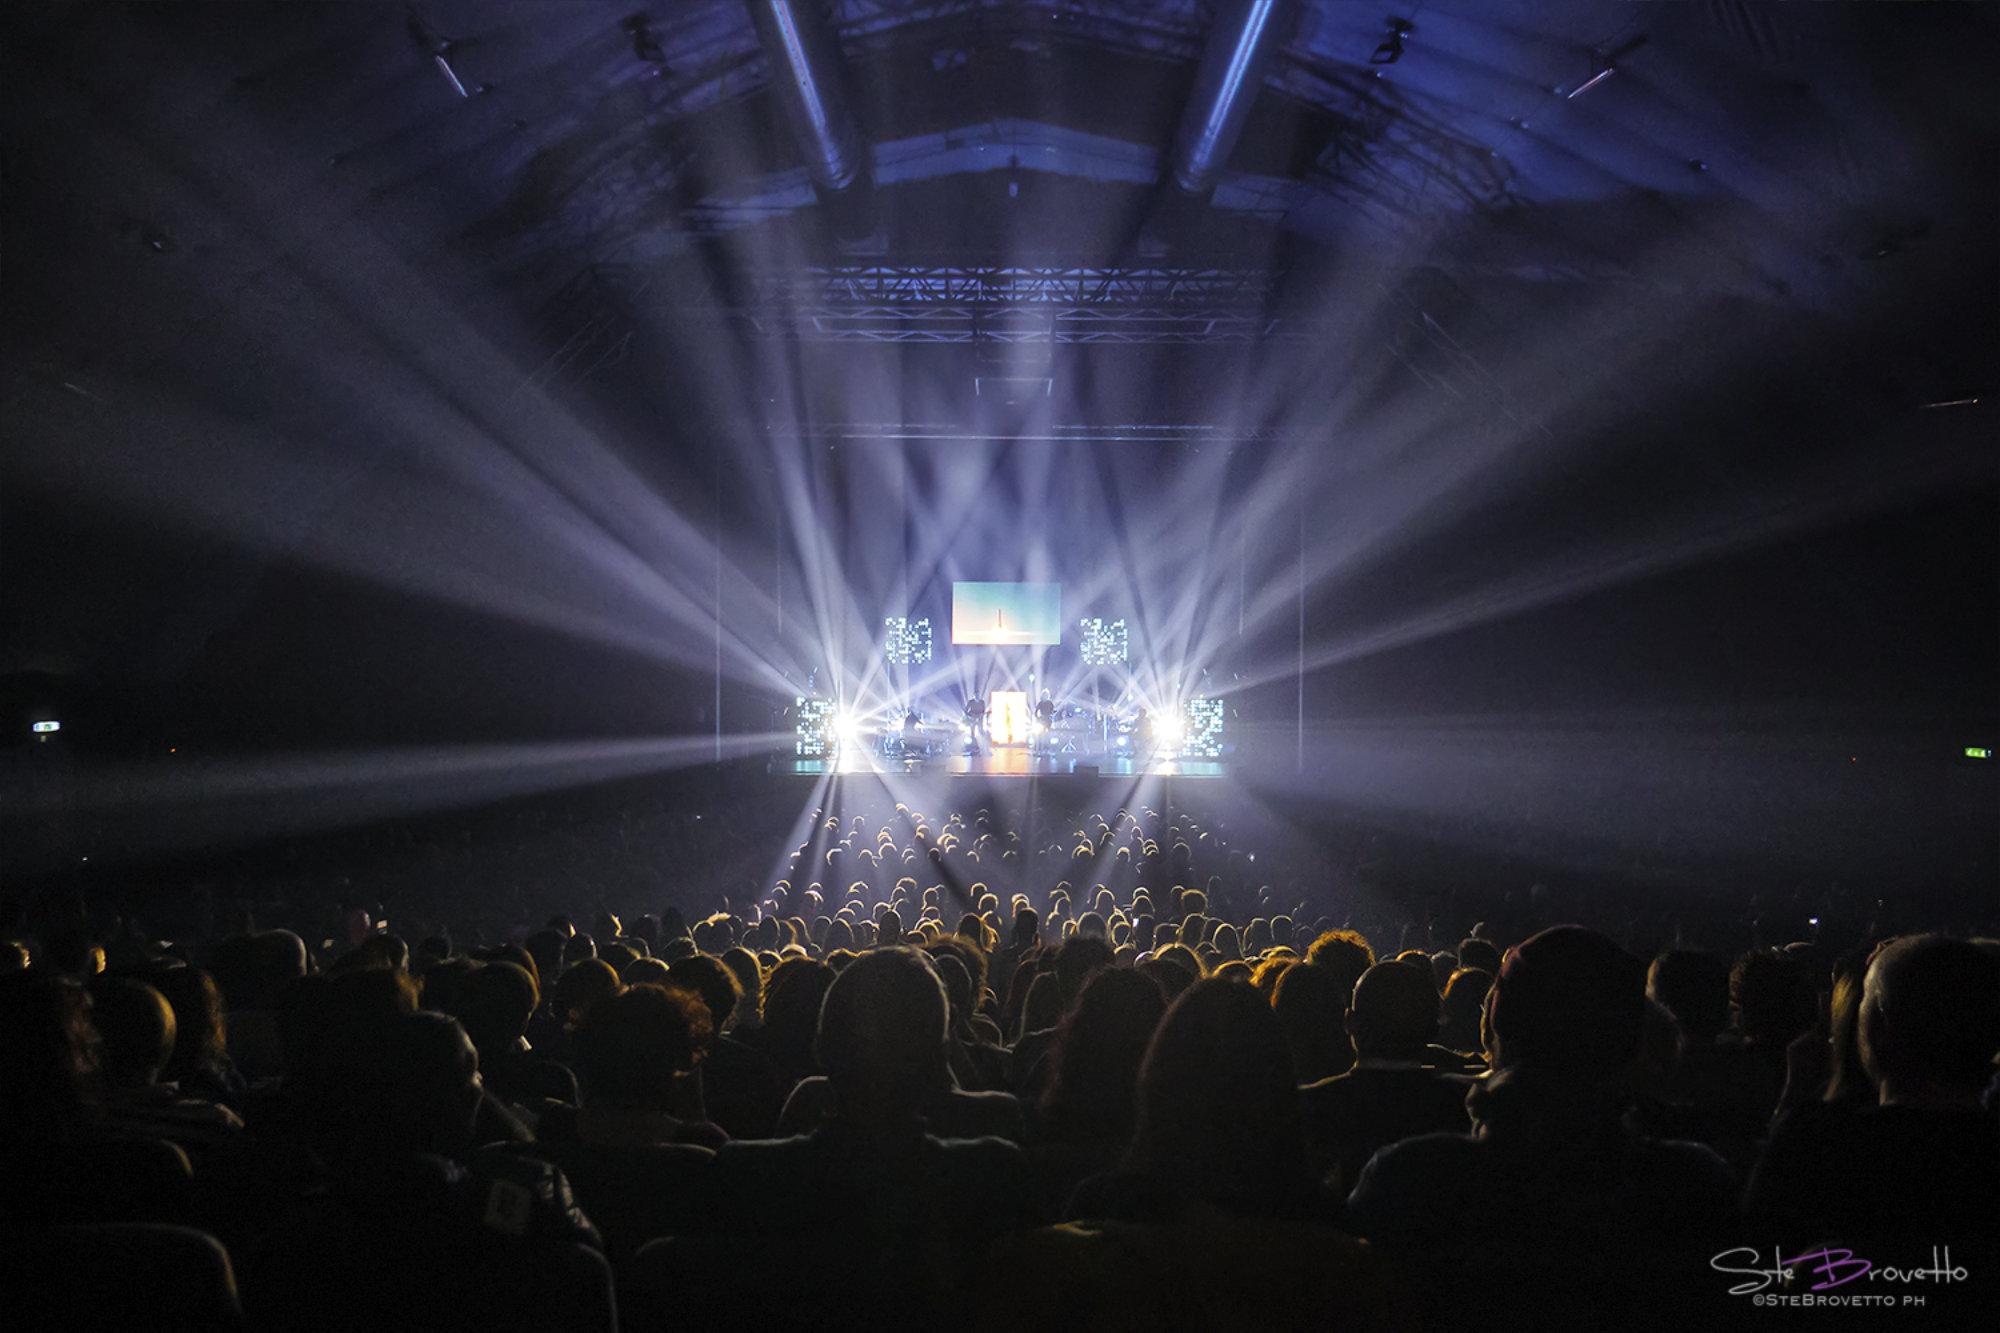 Niccolò Fabi Tour 2019-2020 / Lighting design: Fabrizio Valinotti